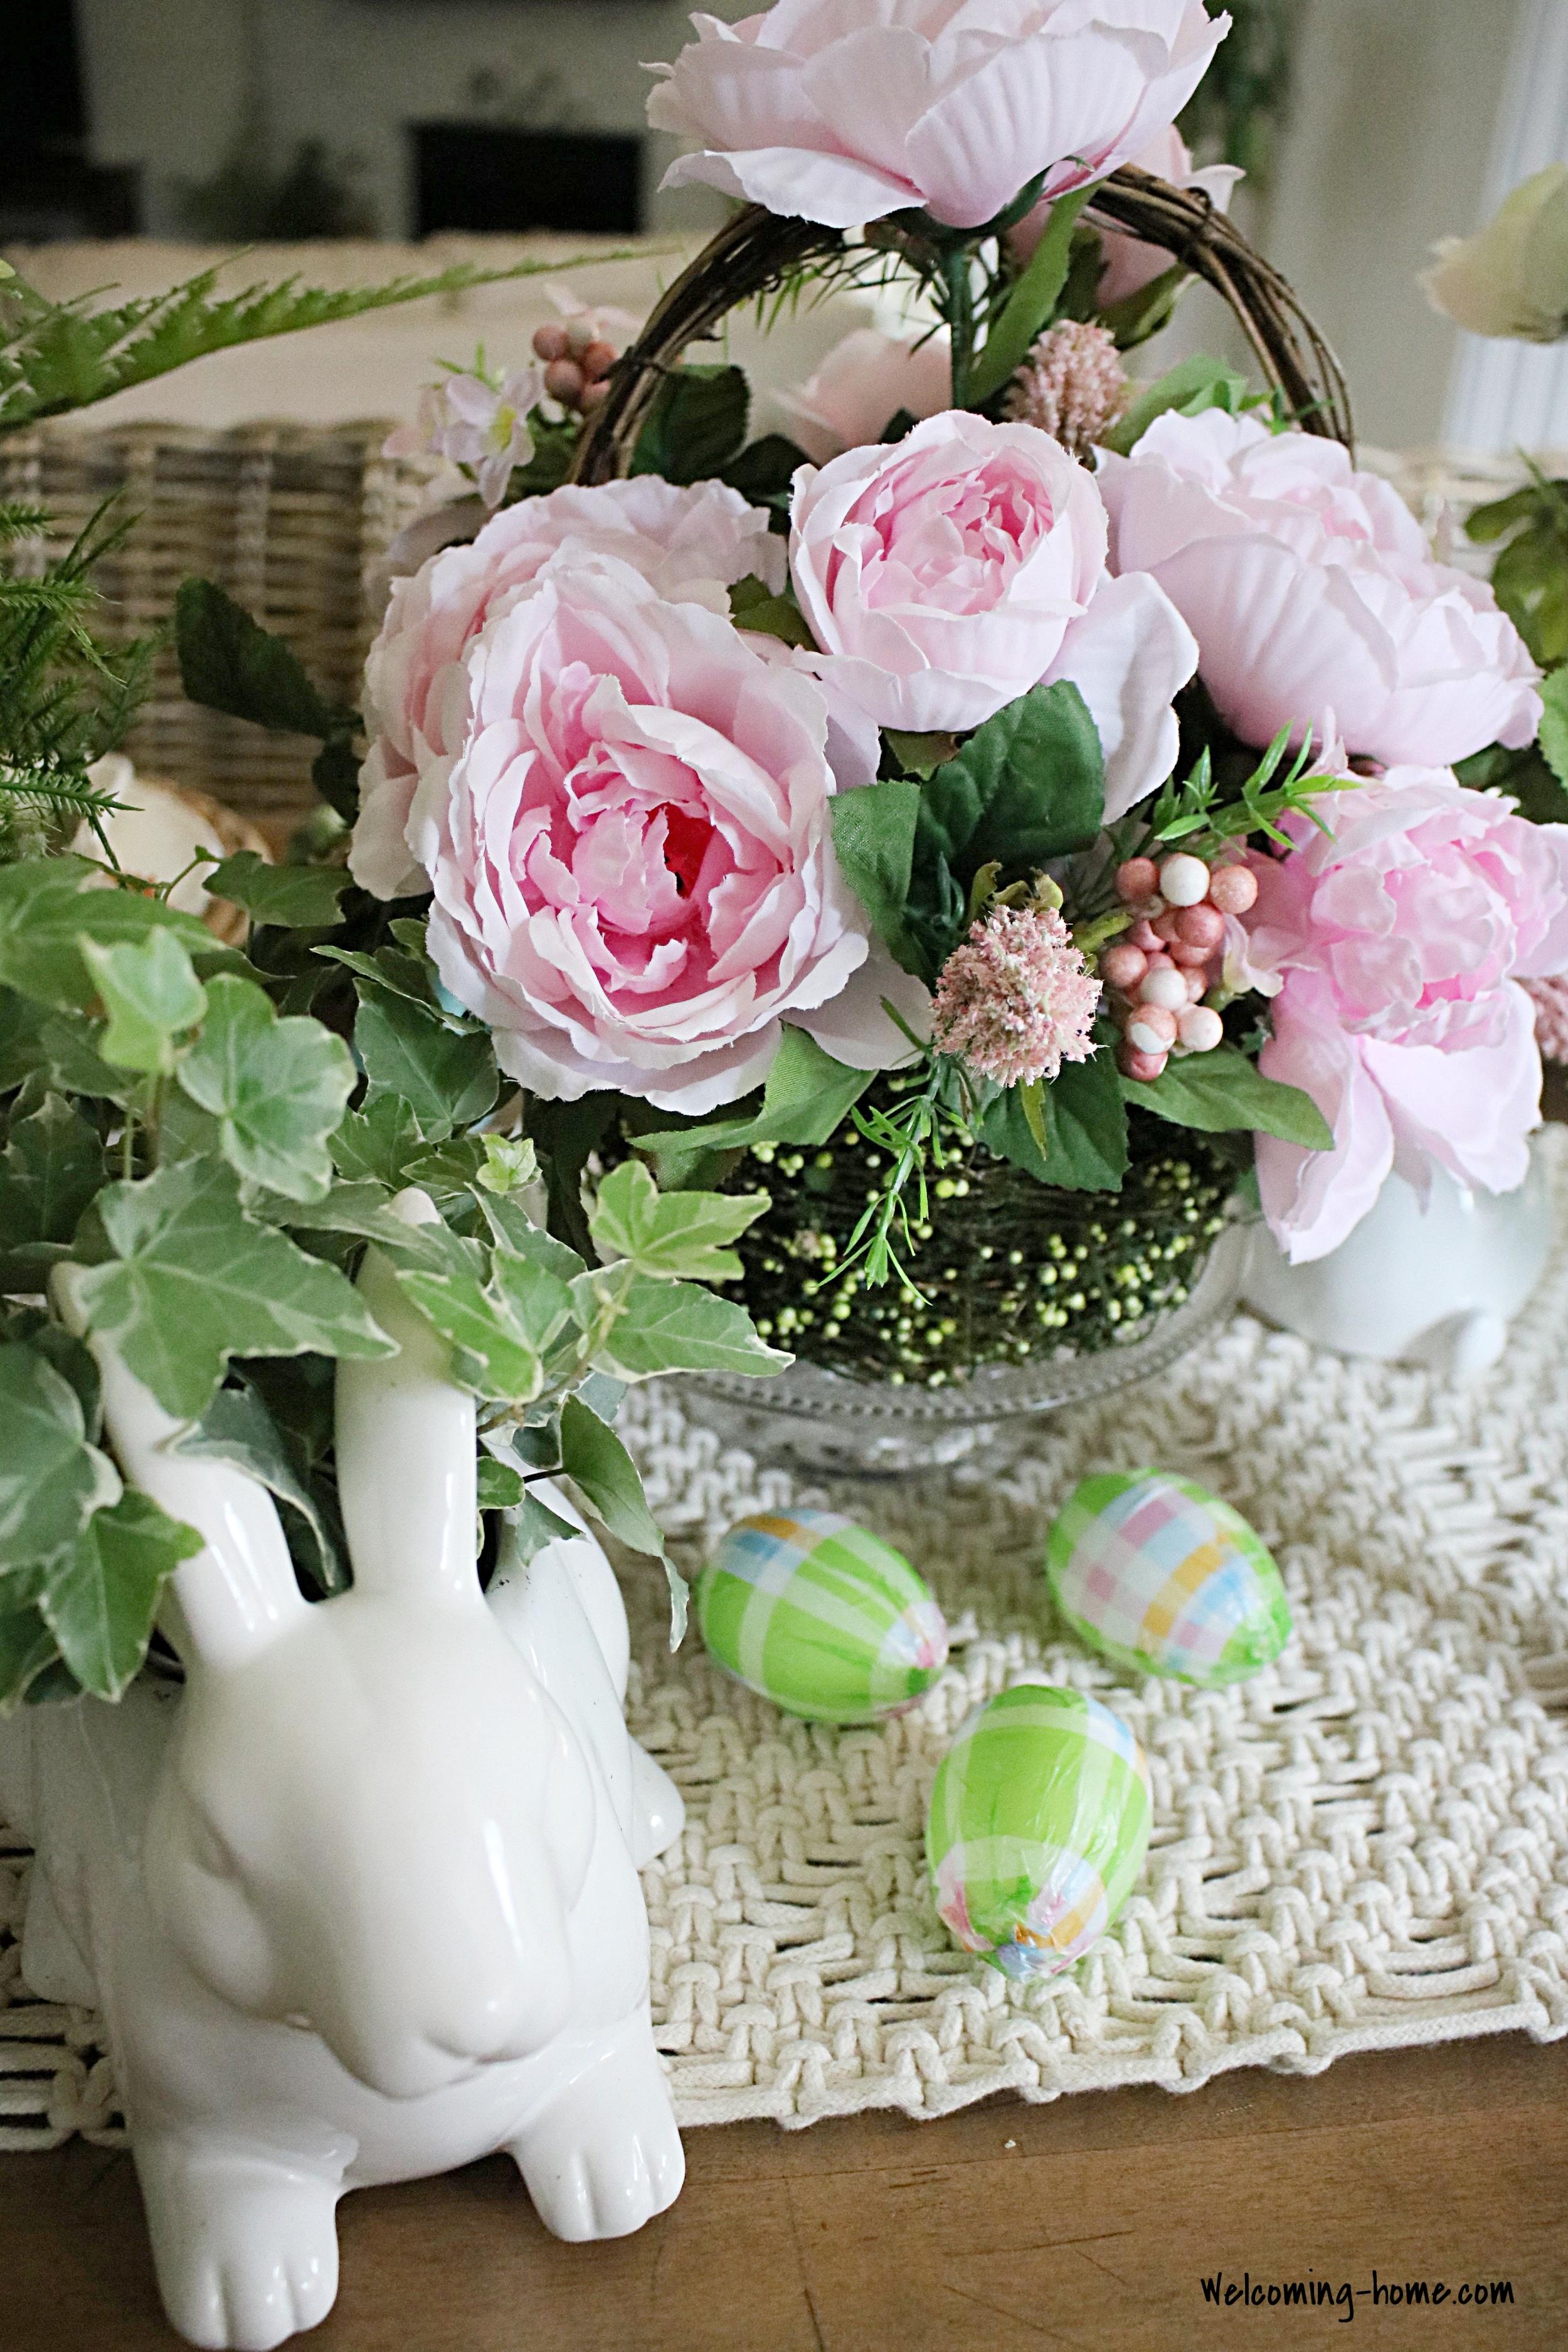 eggs for the table decor.JPG